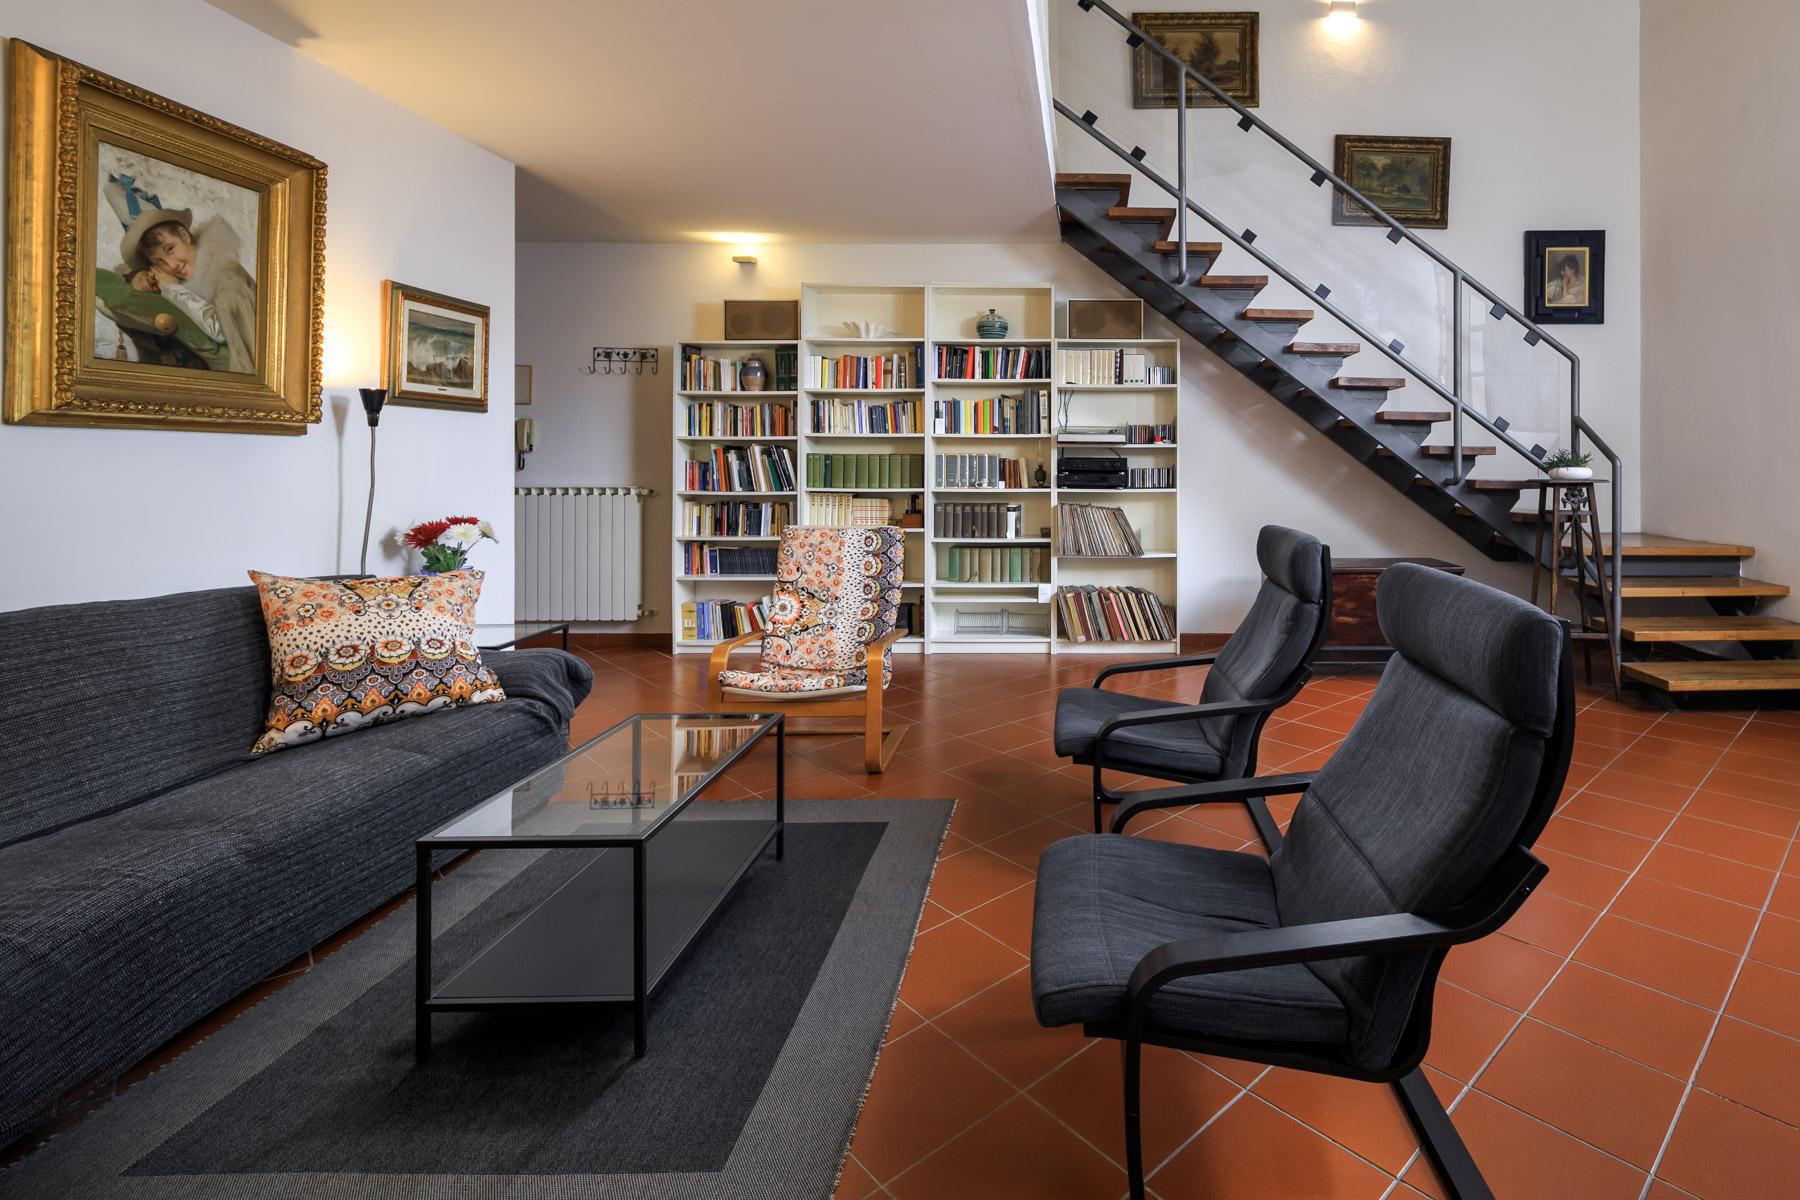 Appartamento in Vendita a Firenze: 4 locali, 149 mq - Foto 6